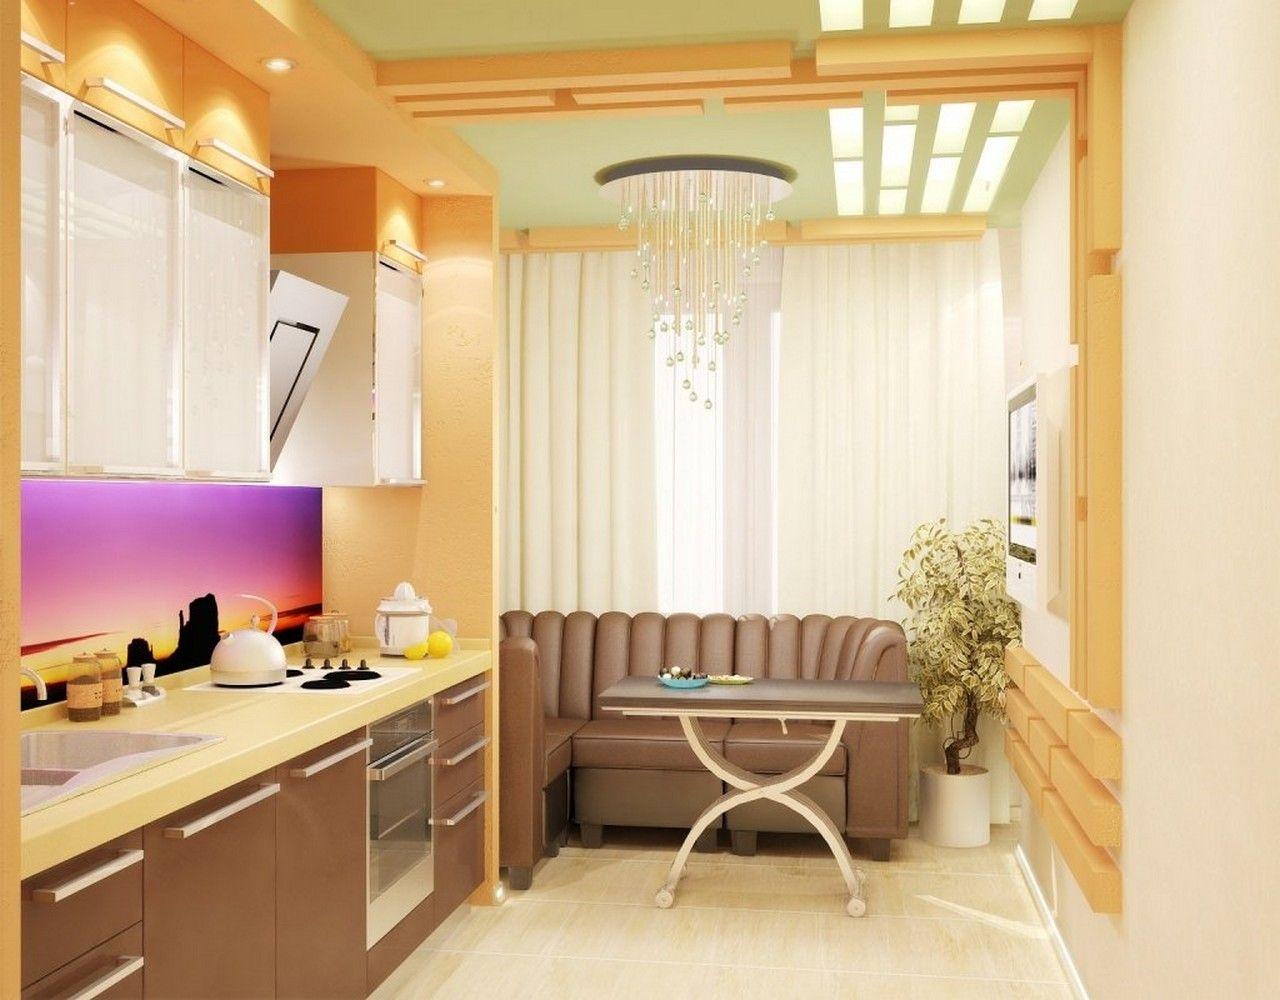 Мягкая мебель для кухни - 71 фото гарнитуров и готовых ансамблейкухня — вкус комфорта